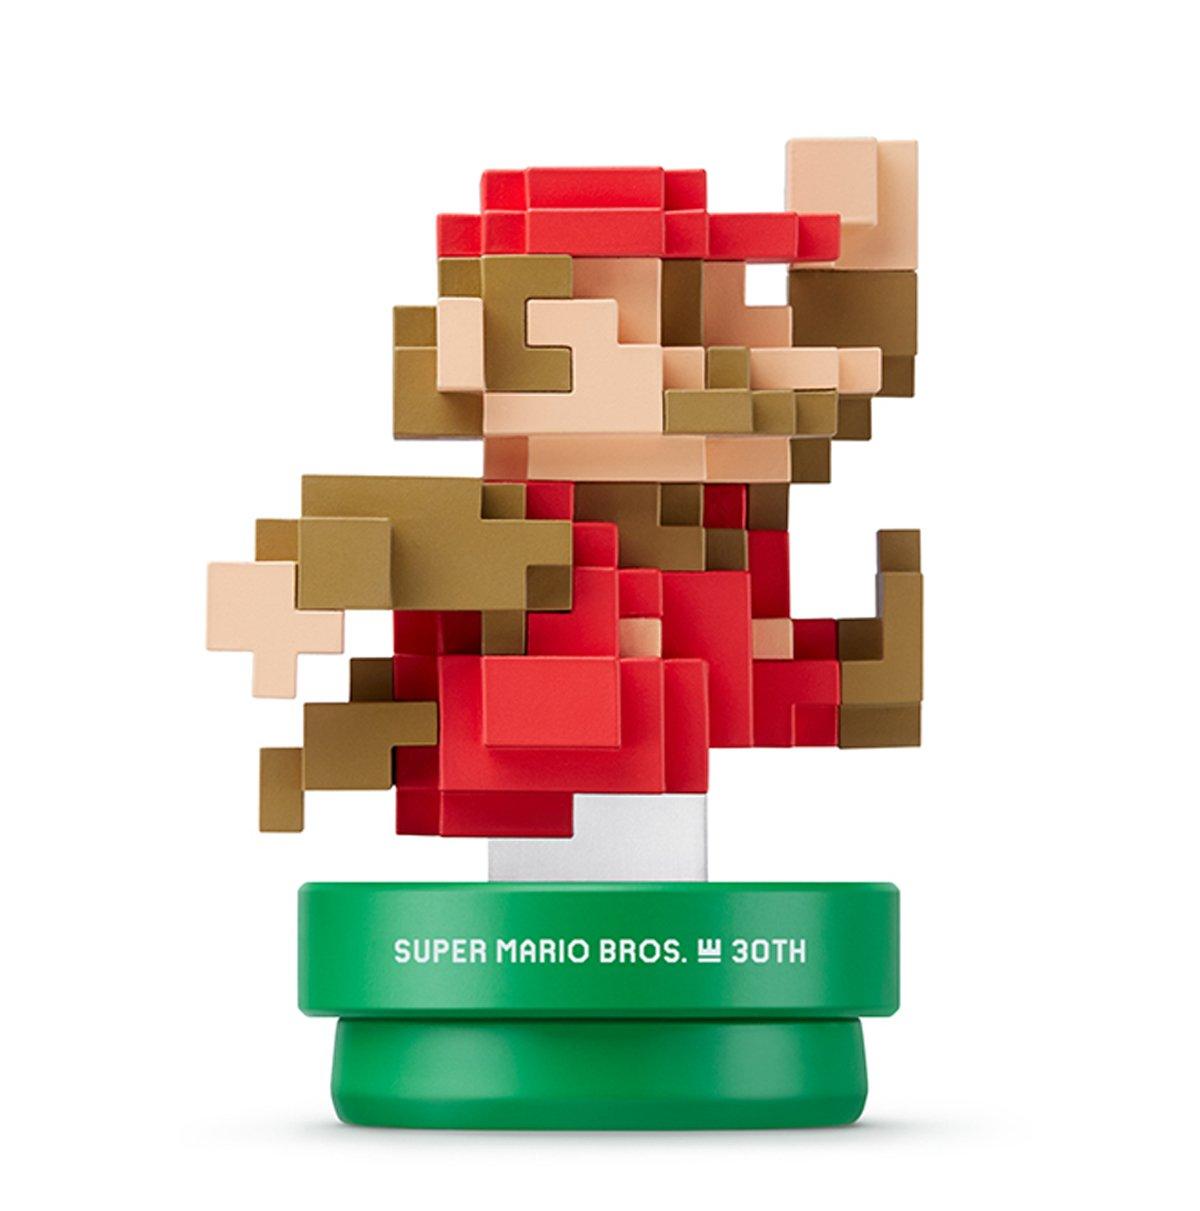 Mario Classic Color Amiibo - Japan Import (Super Smash Bros Series) by Nintendo